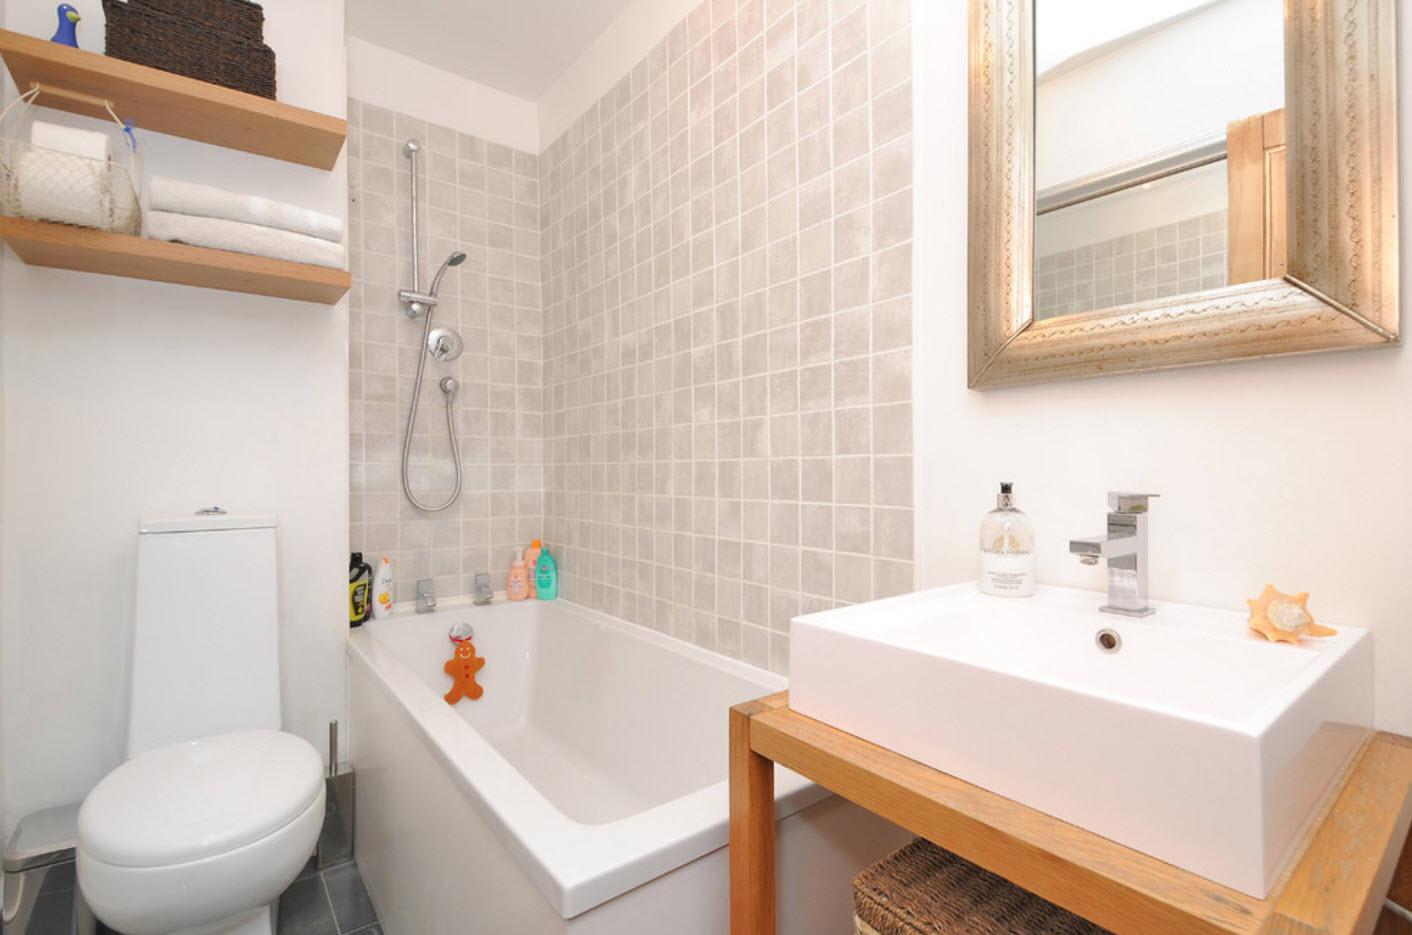 дизайн маленькой ванной комнаты 2019 1